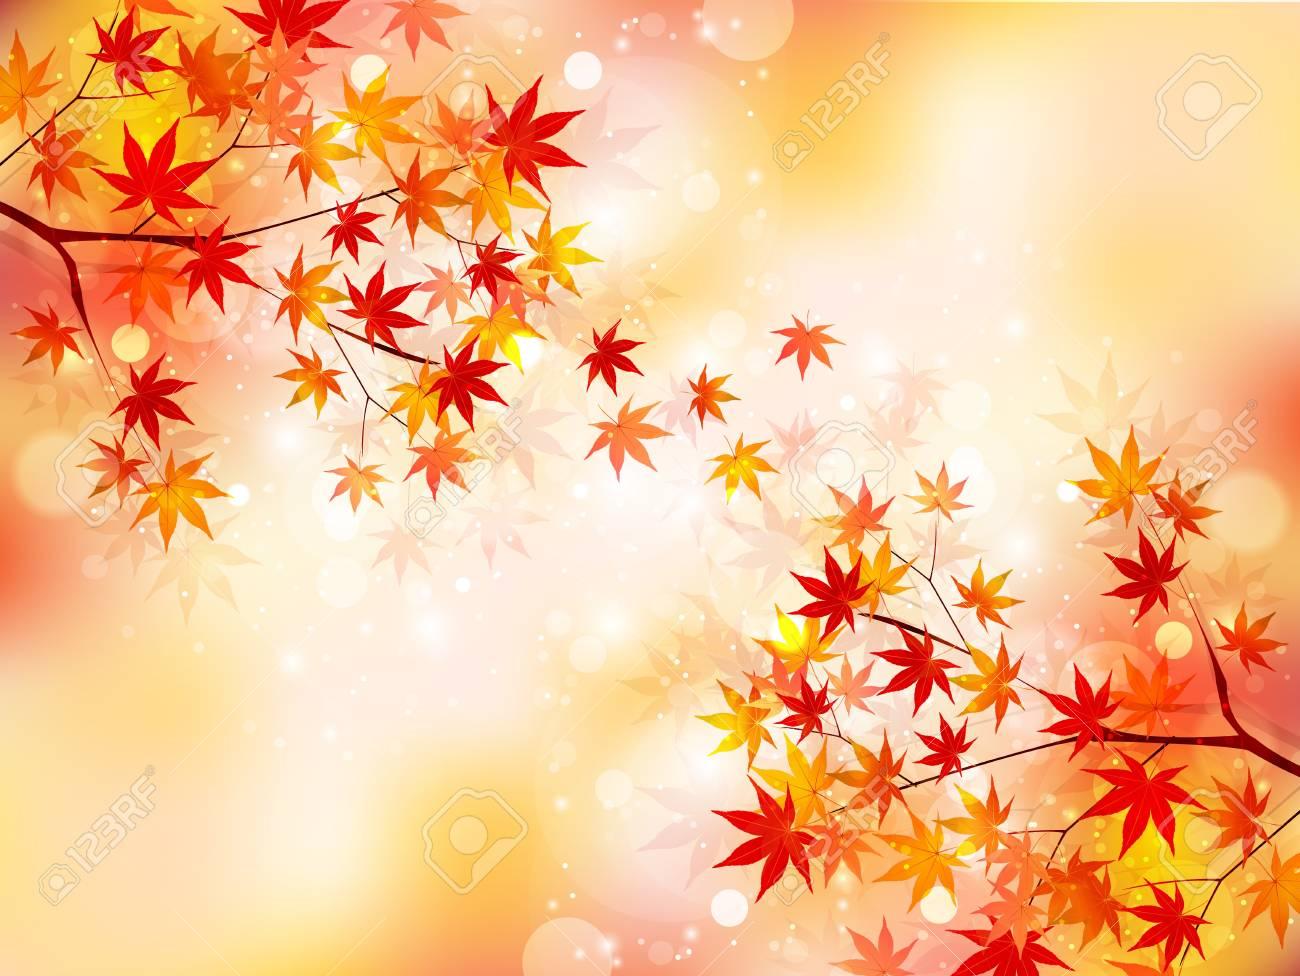 もみじ紅葉背景のイラスト素材ベクタ Image 21999010